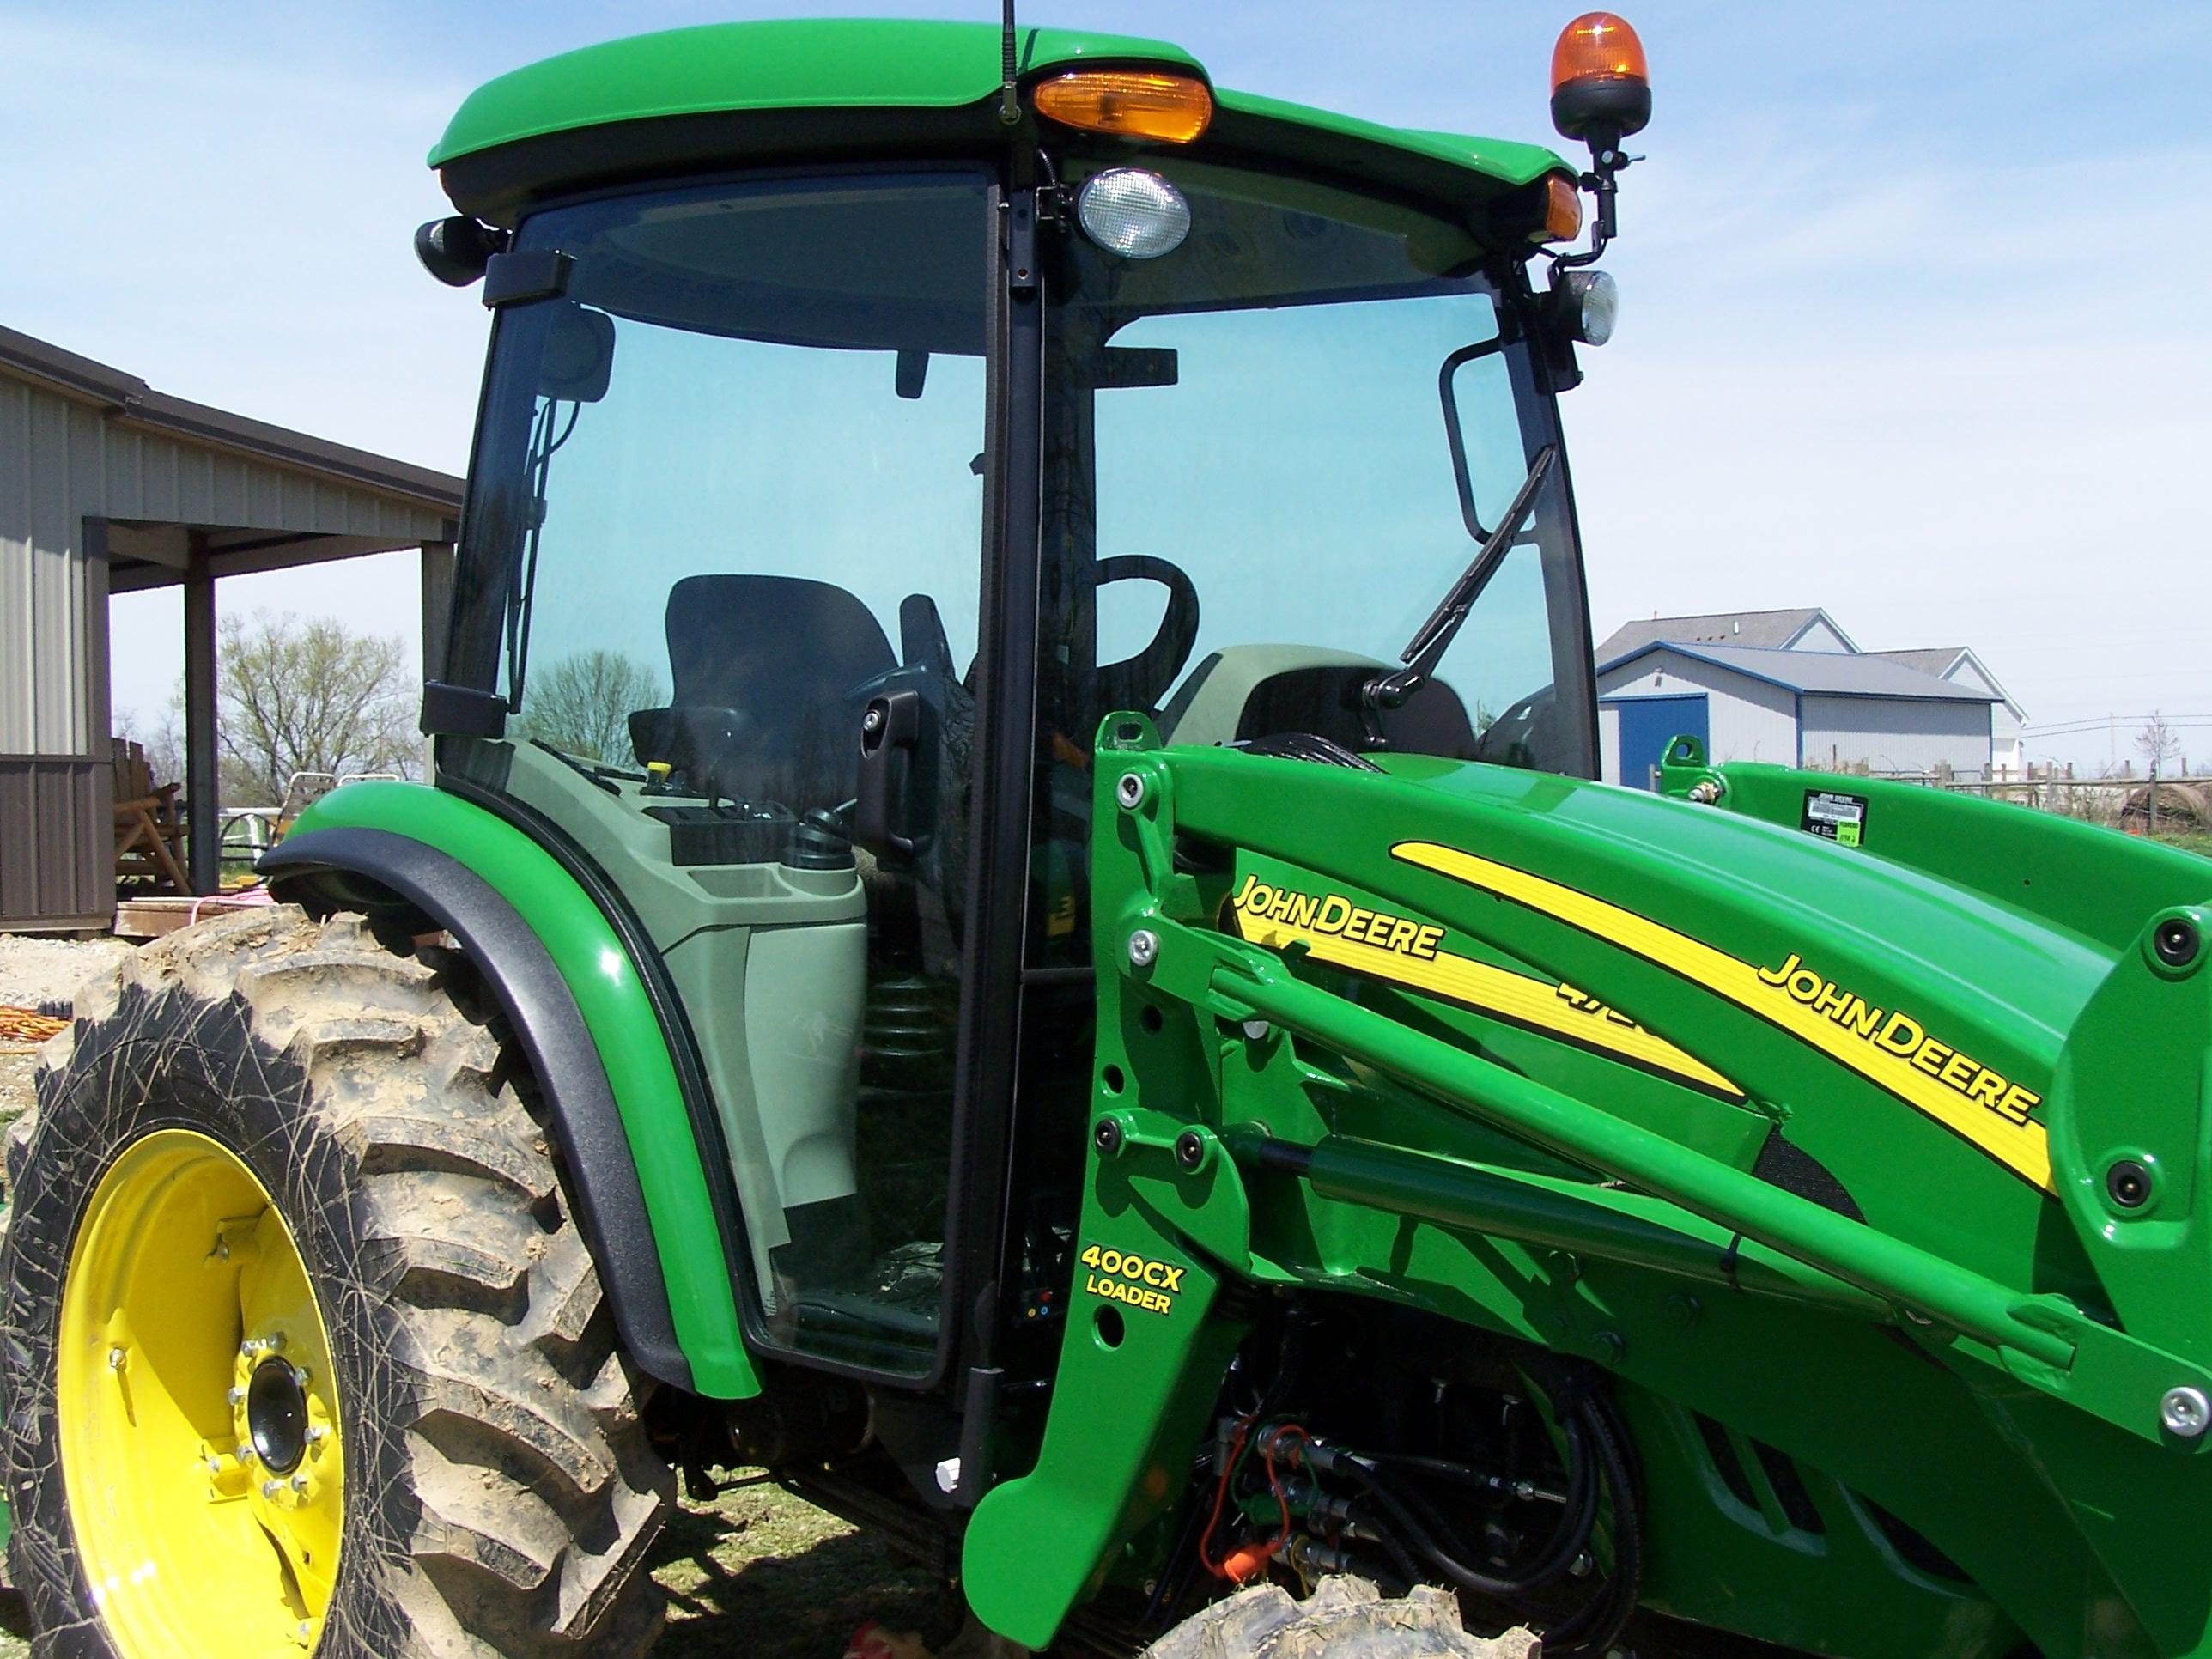 https://0201.nccdn.net/1_2/000/000/141/785/tractor.JPG